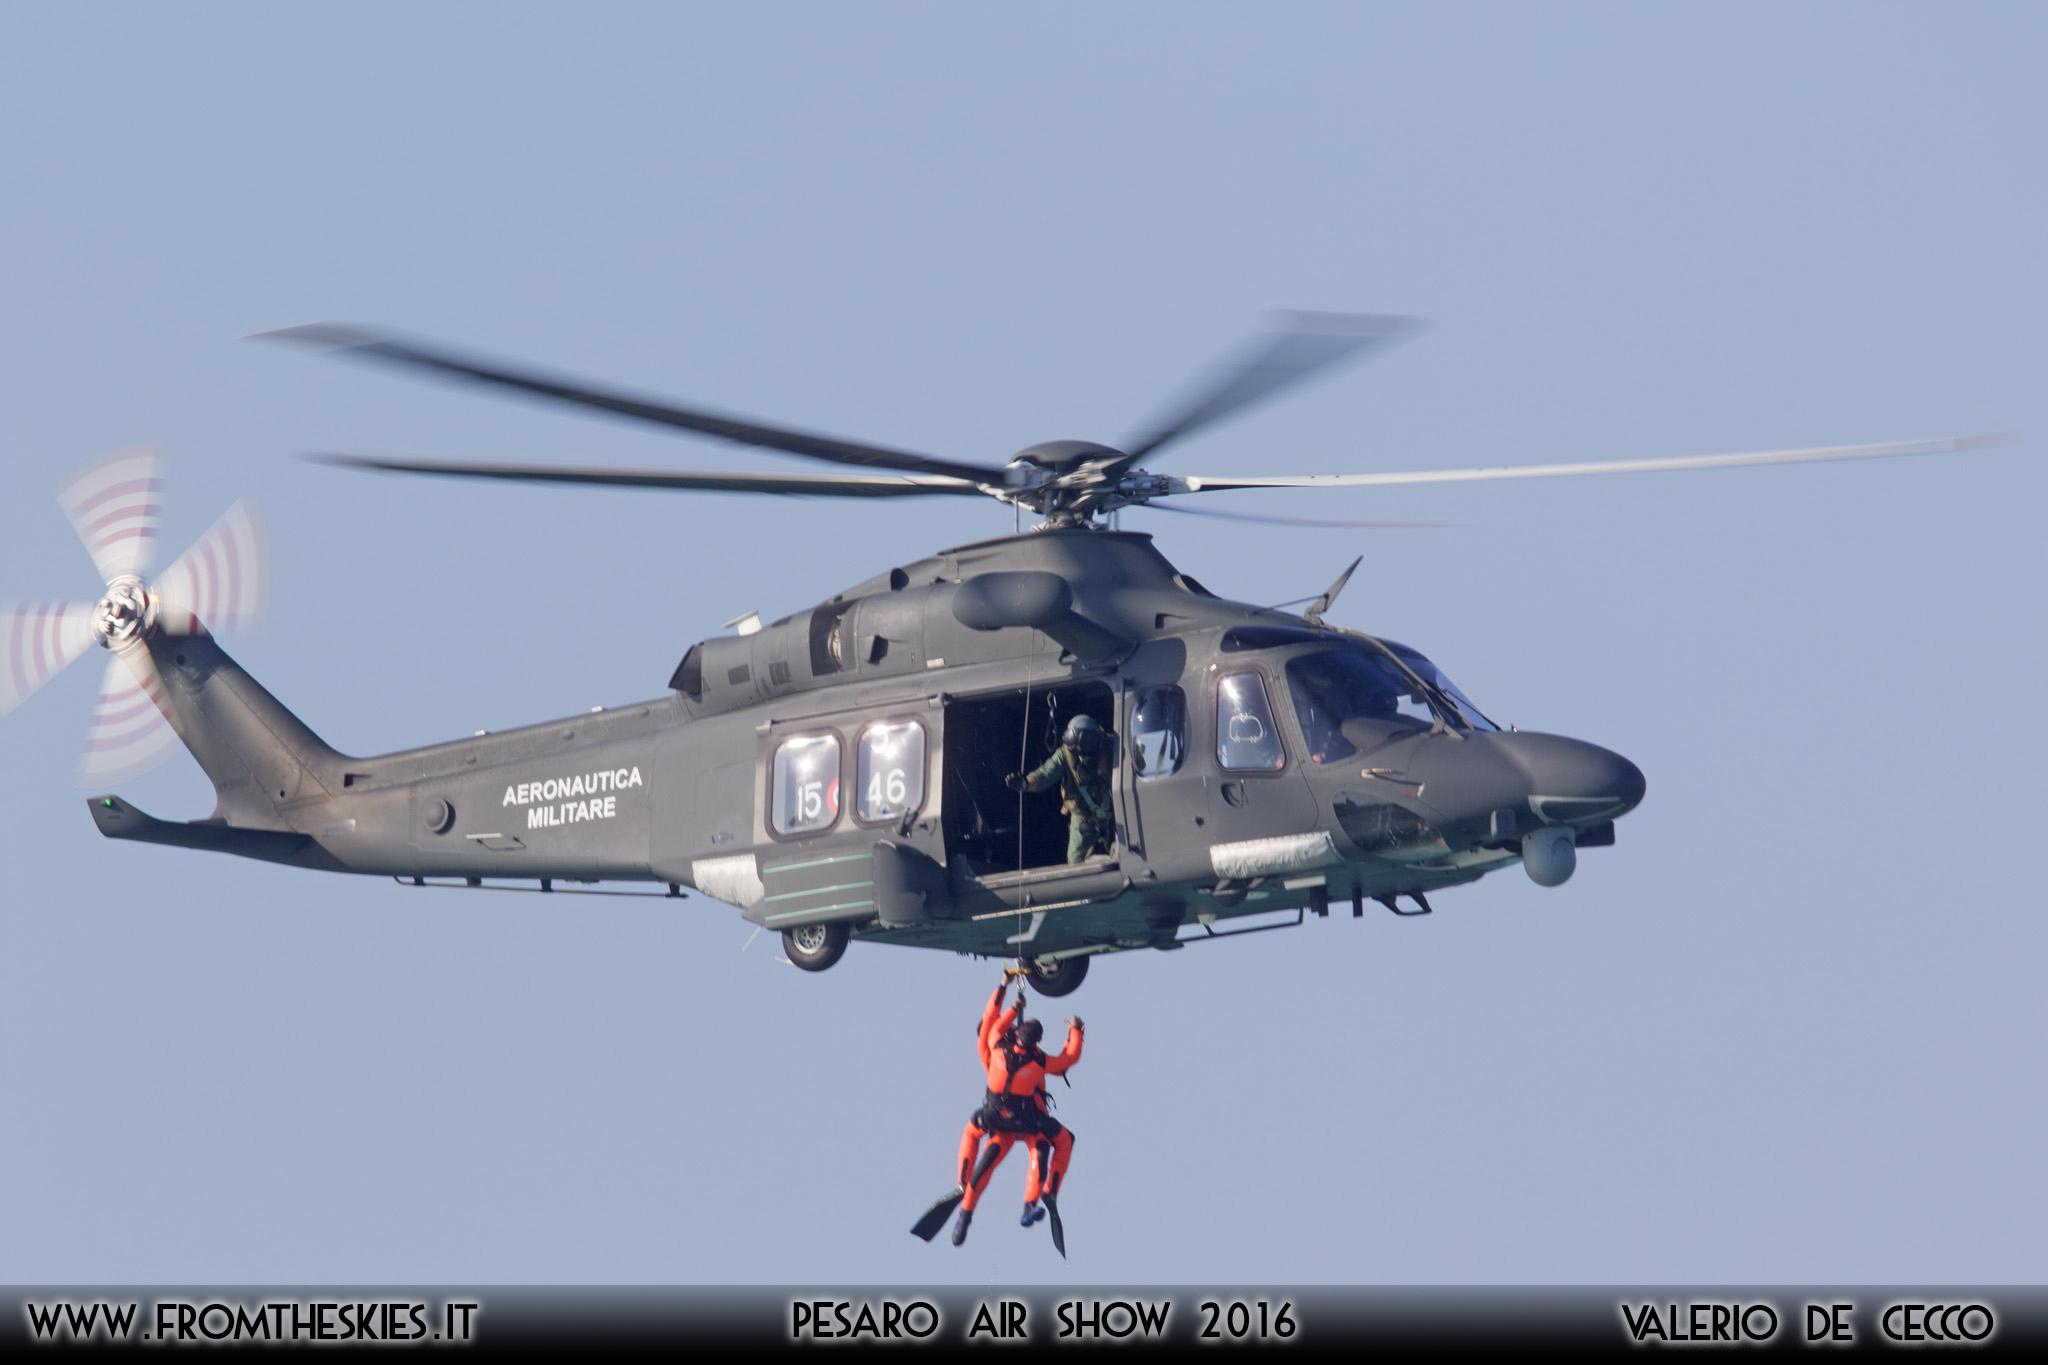 Elicottero 139 : Boeing sceglie gli aw139 di leonardo per la maxi gara usaf